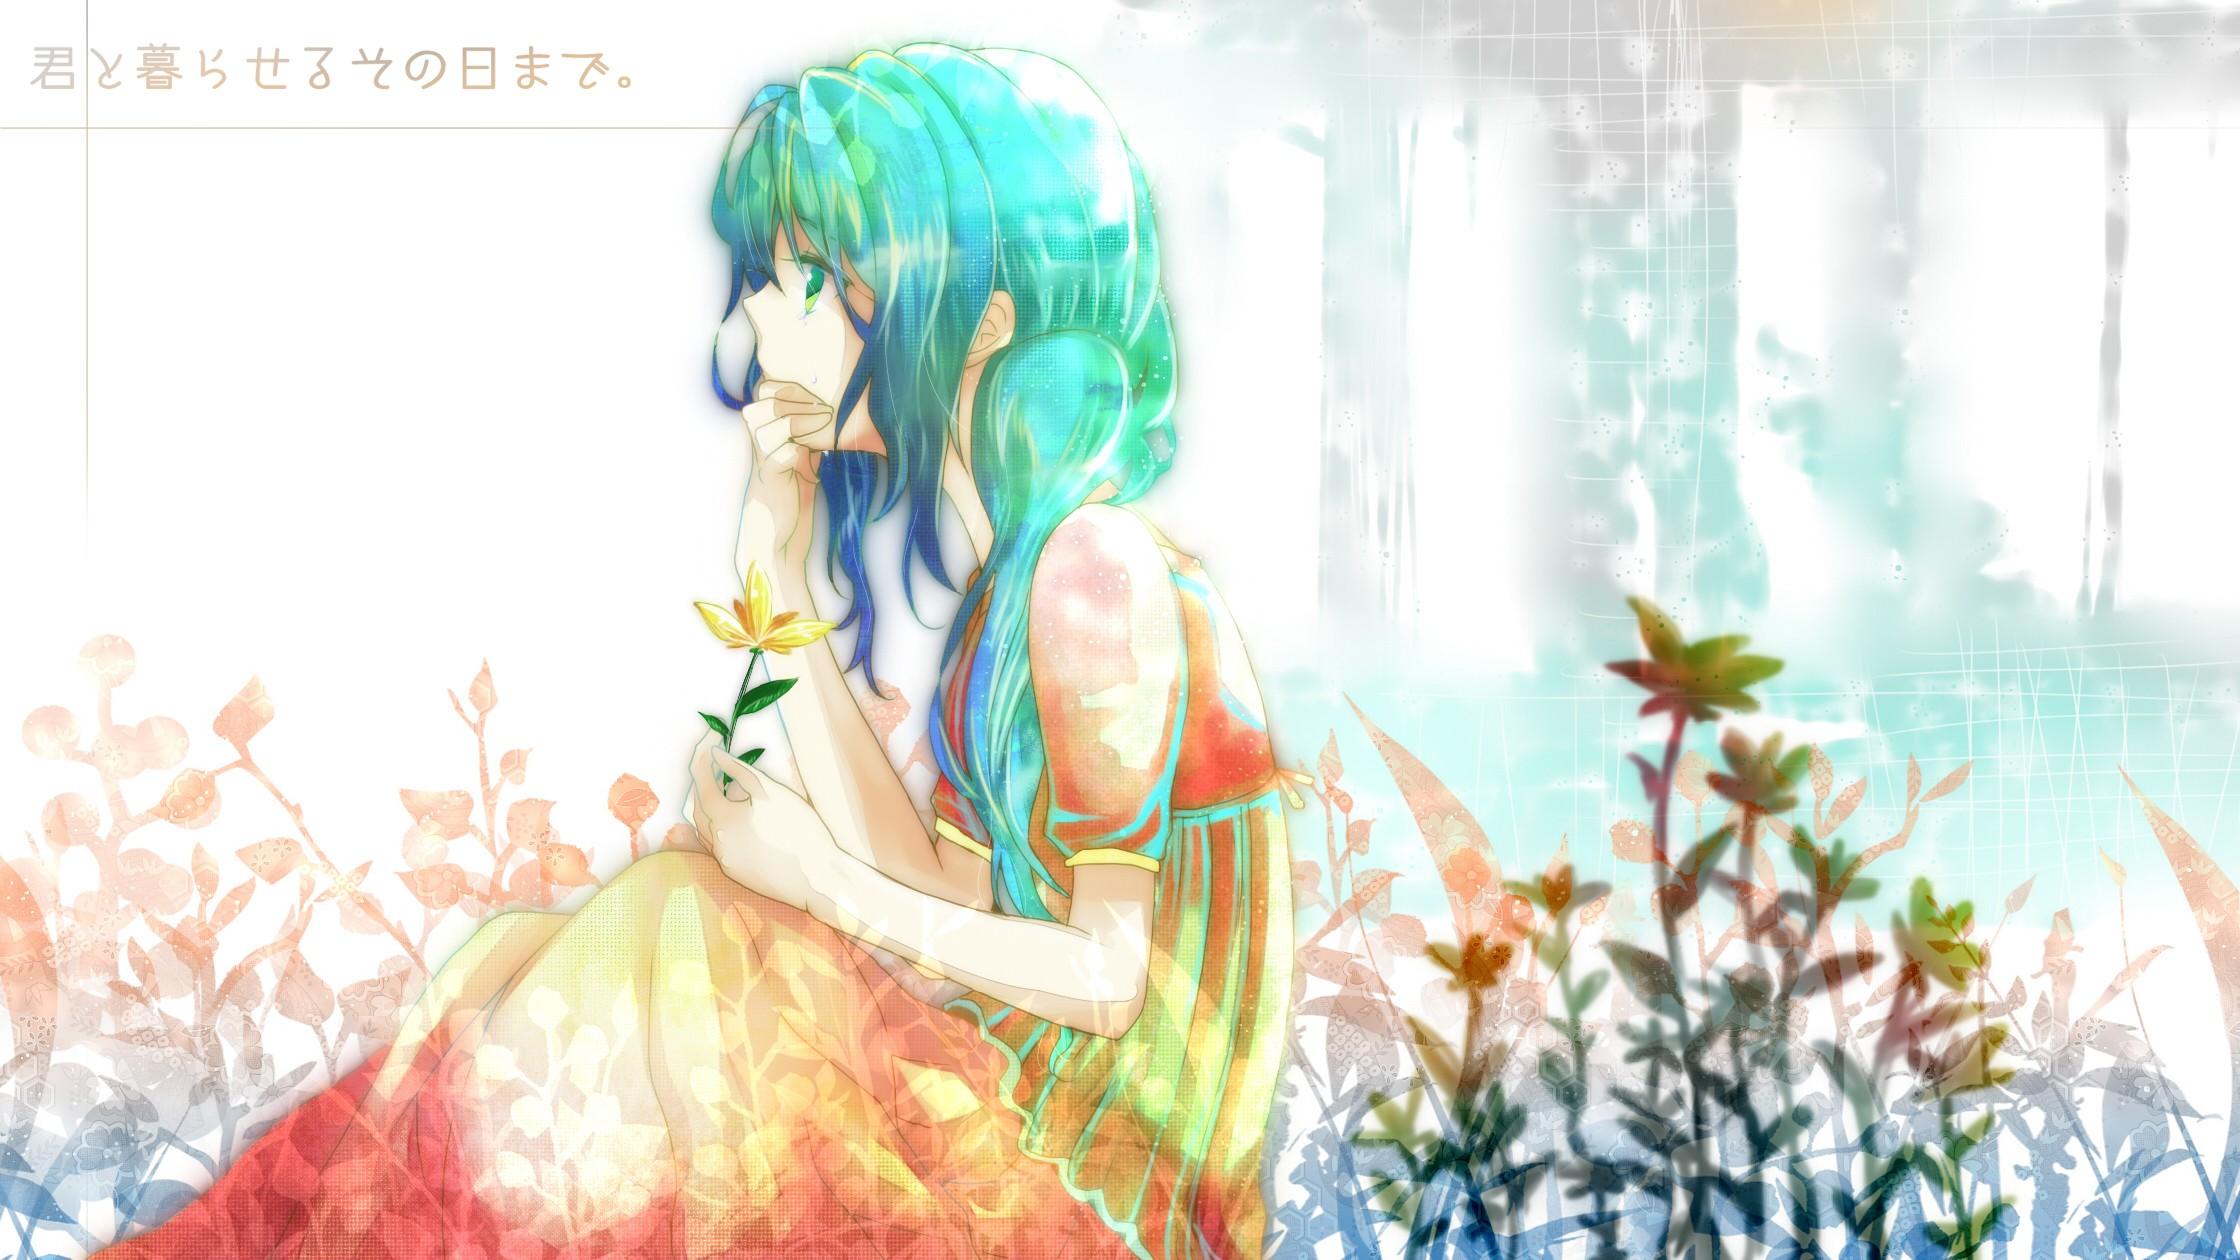 Sad Anime Girl With Red Hair Blue Eyes  Hair Your Ideas